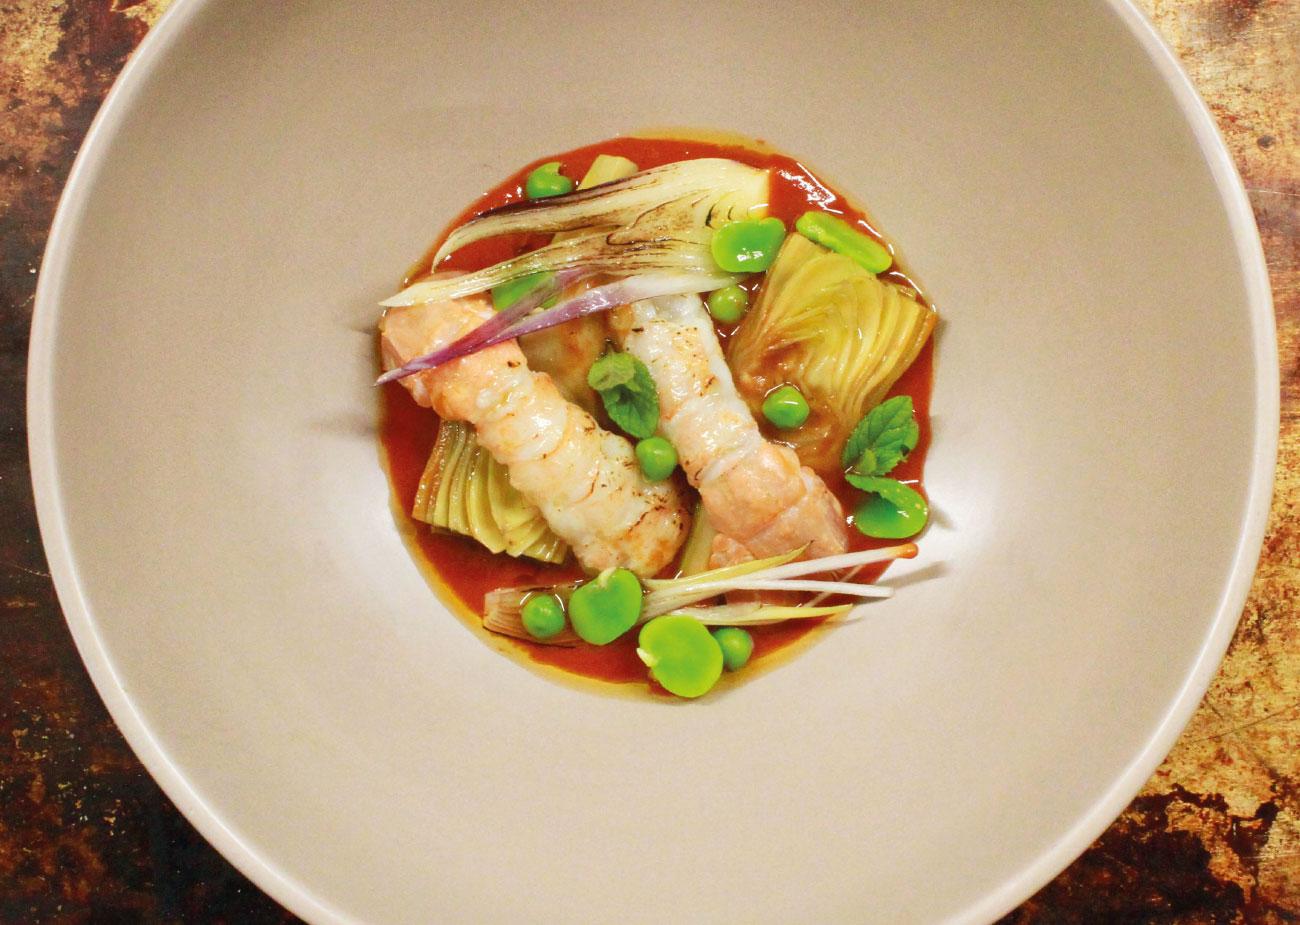 Insalata di scampi, carciofi, fave e piselli dello chef Tiziano Rossetti